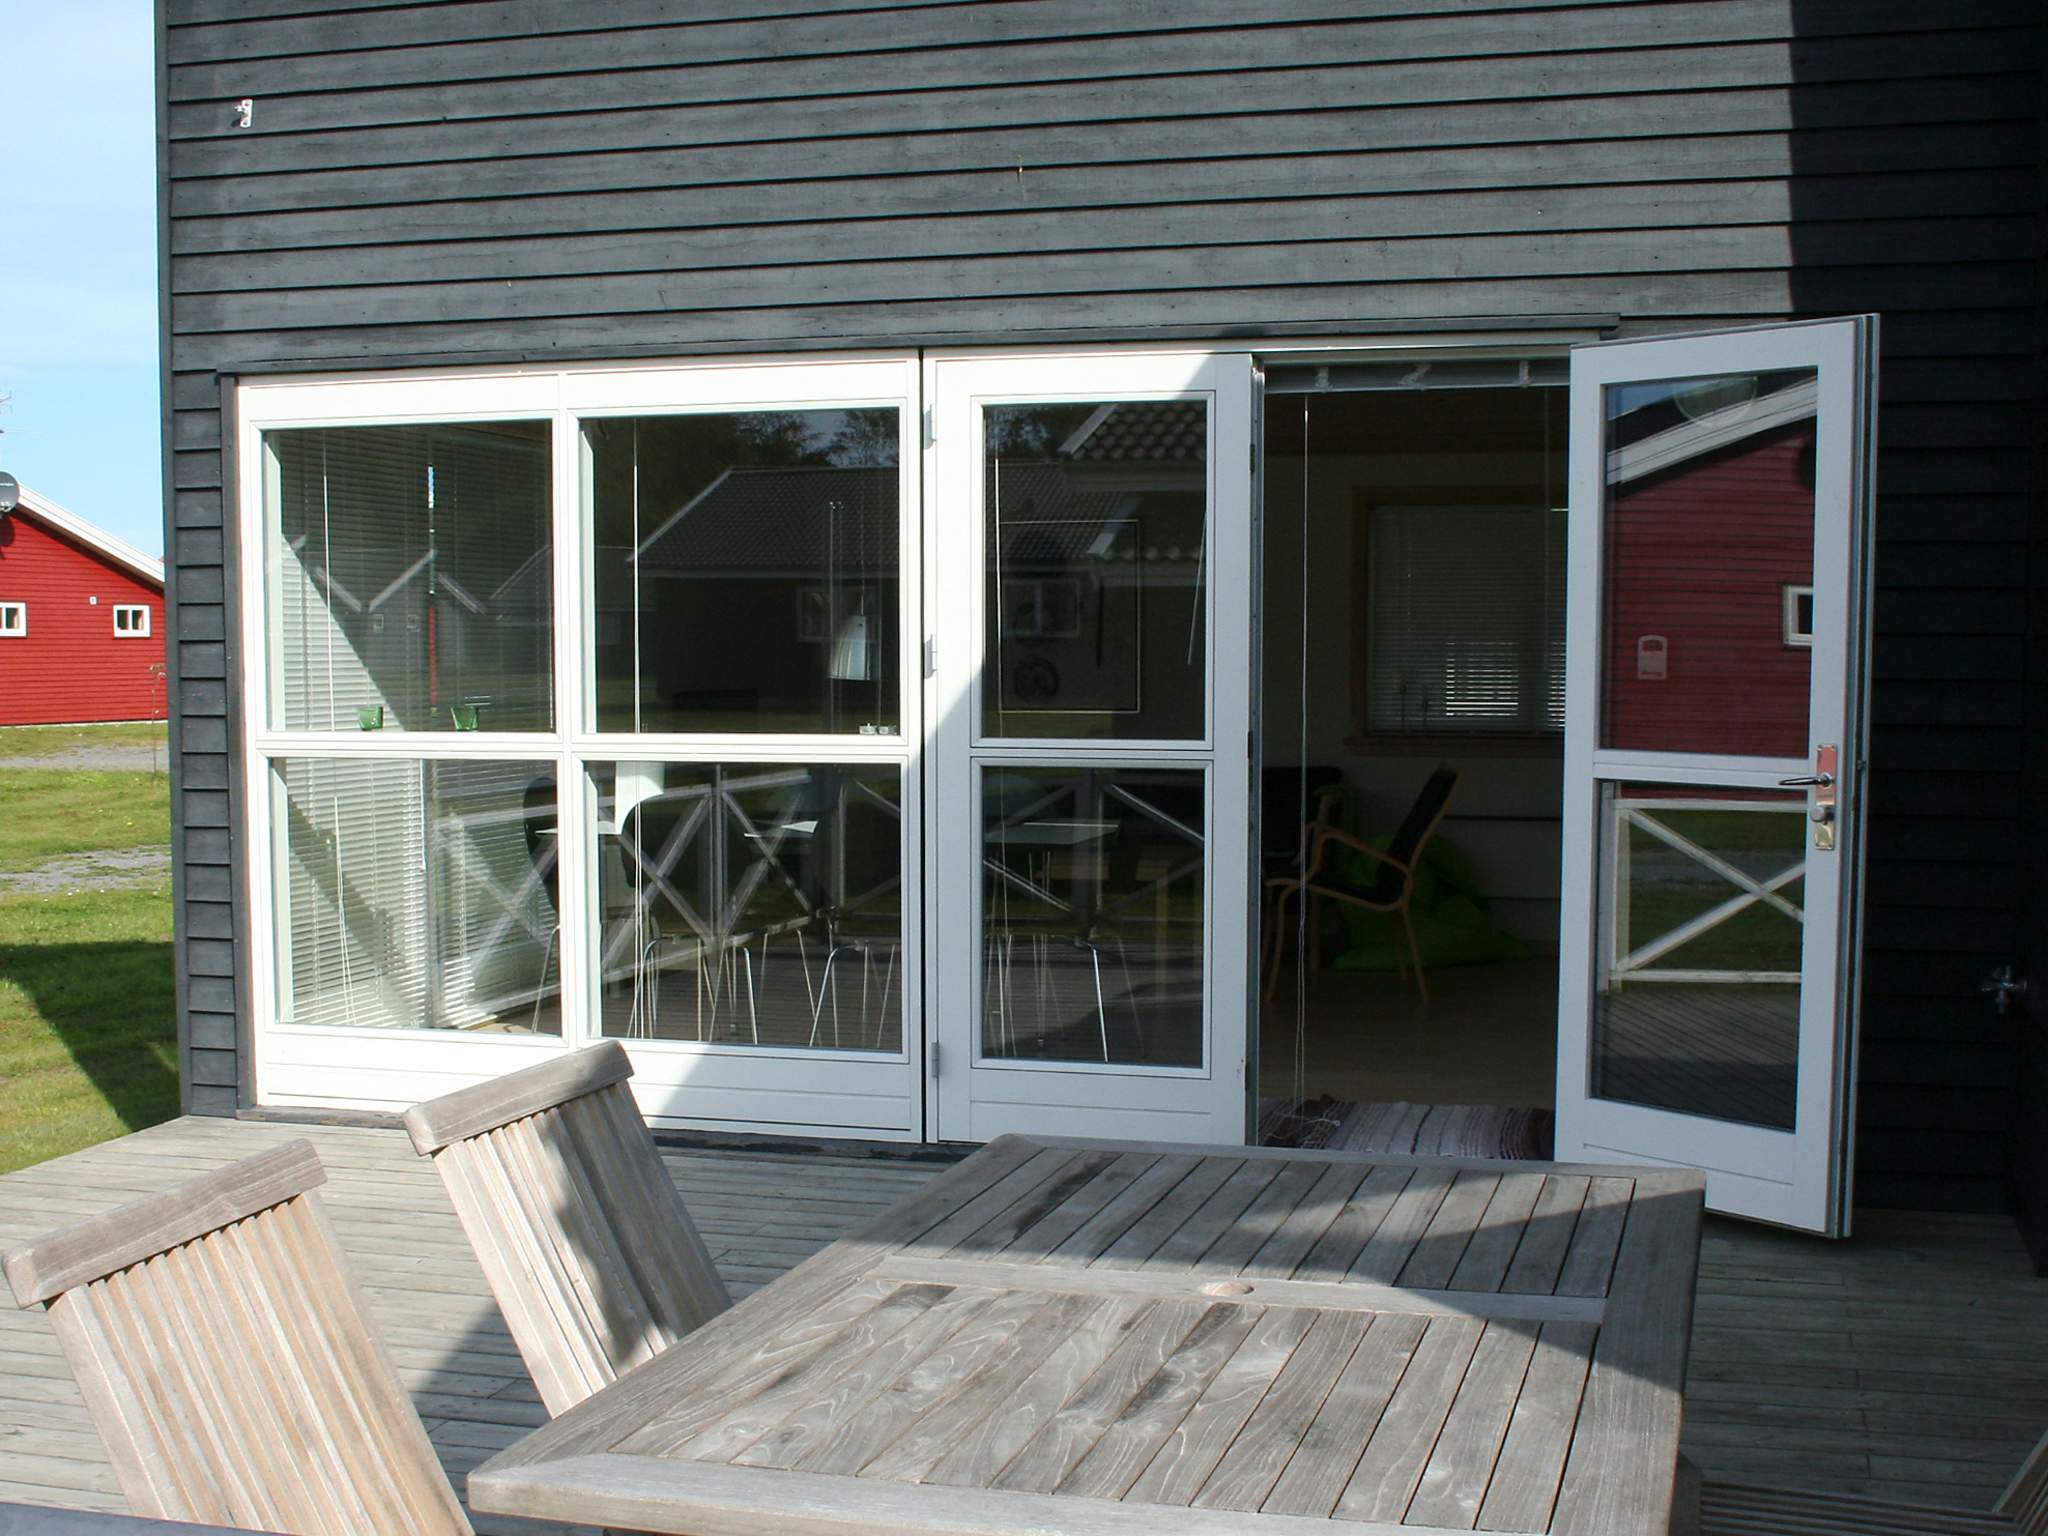 Ferienhaus Rø/Gudhjem (500240), Gudhjem, , Bornholm, Dänemark, Bild 12